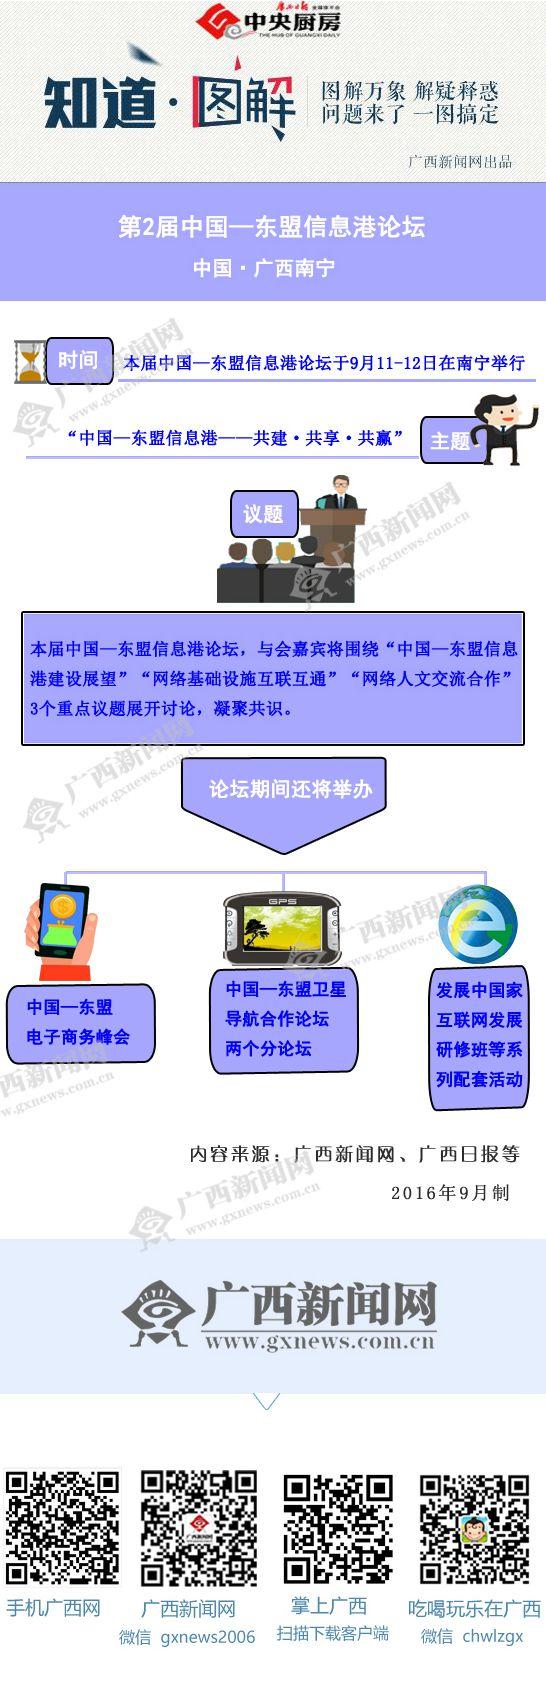 【知道・图解】第2届中国―东盟信息港论坛